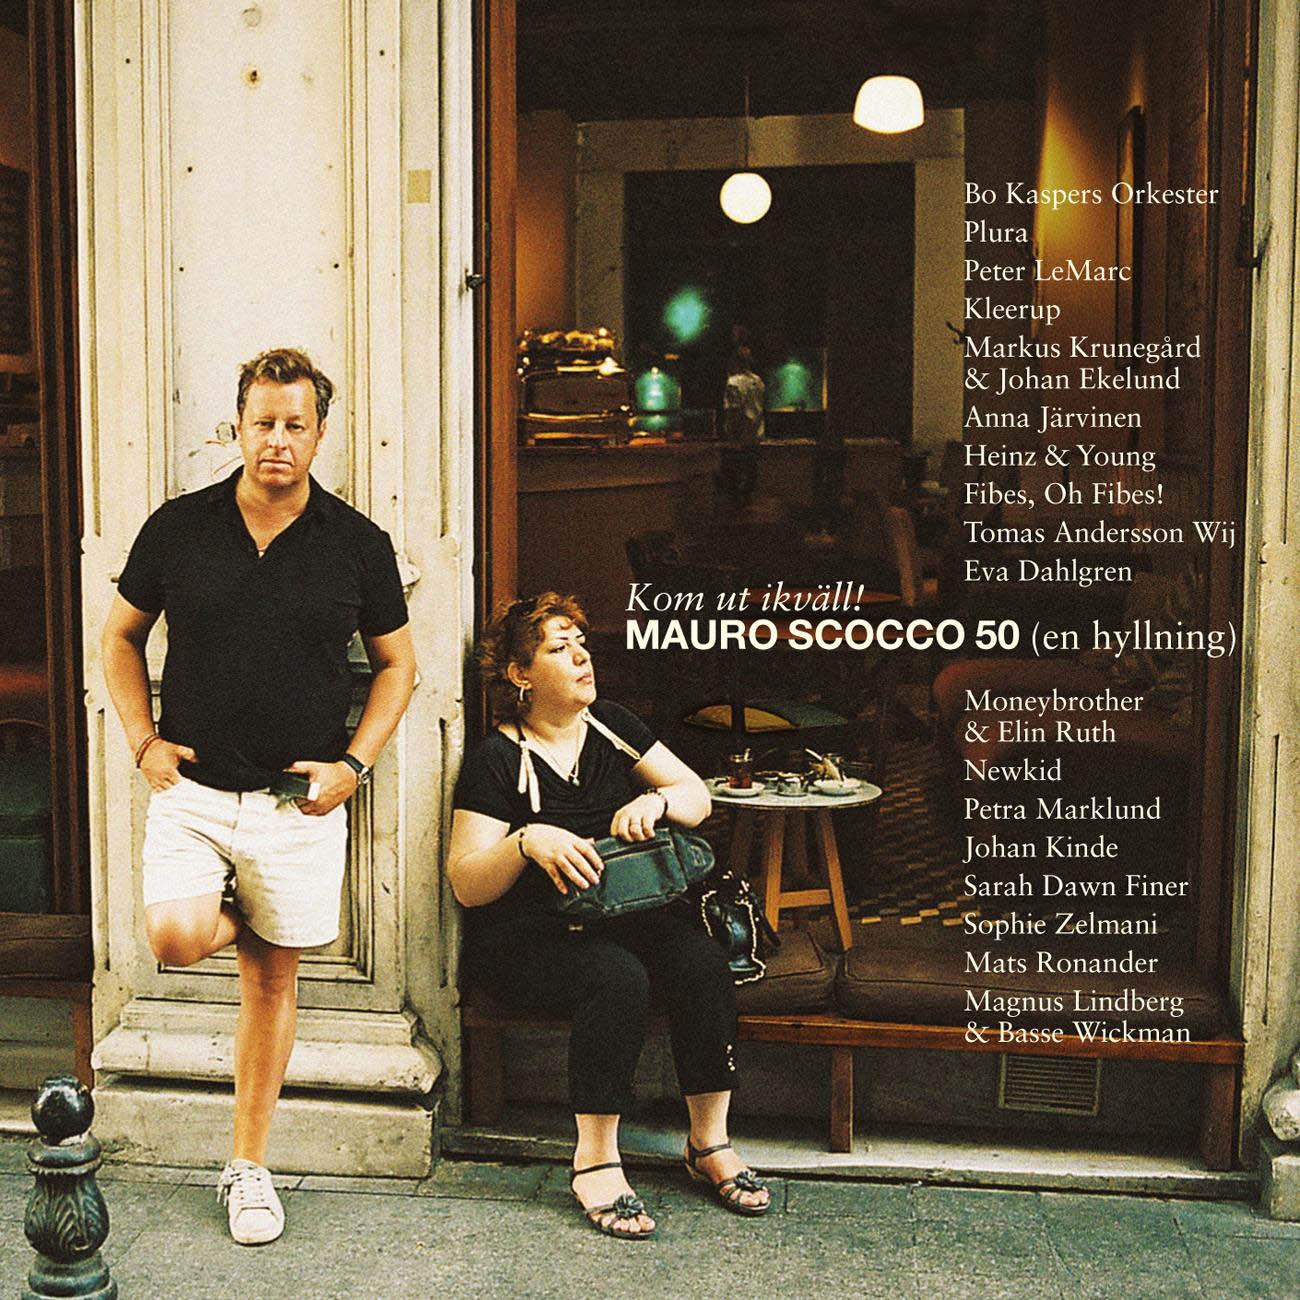 scocco 50 år Veckans CD: Kom ut ikväll! Mauro Scocco 50 (en hyllning) – Arbetet scocco 50 år